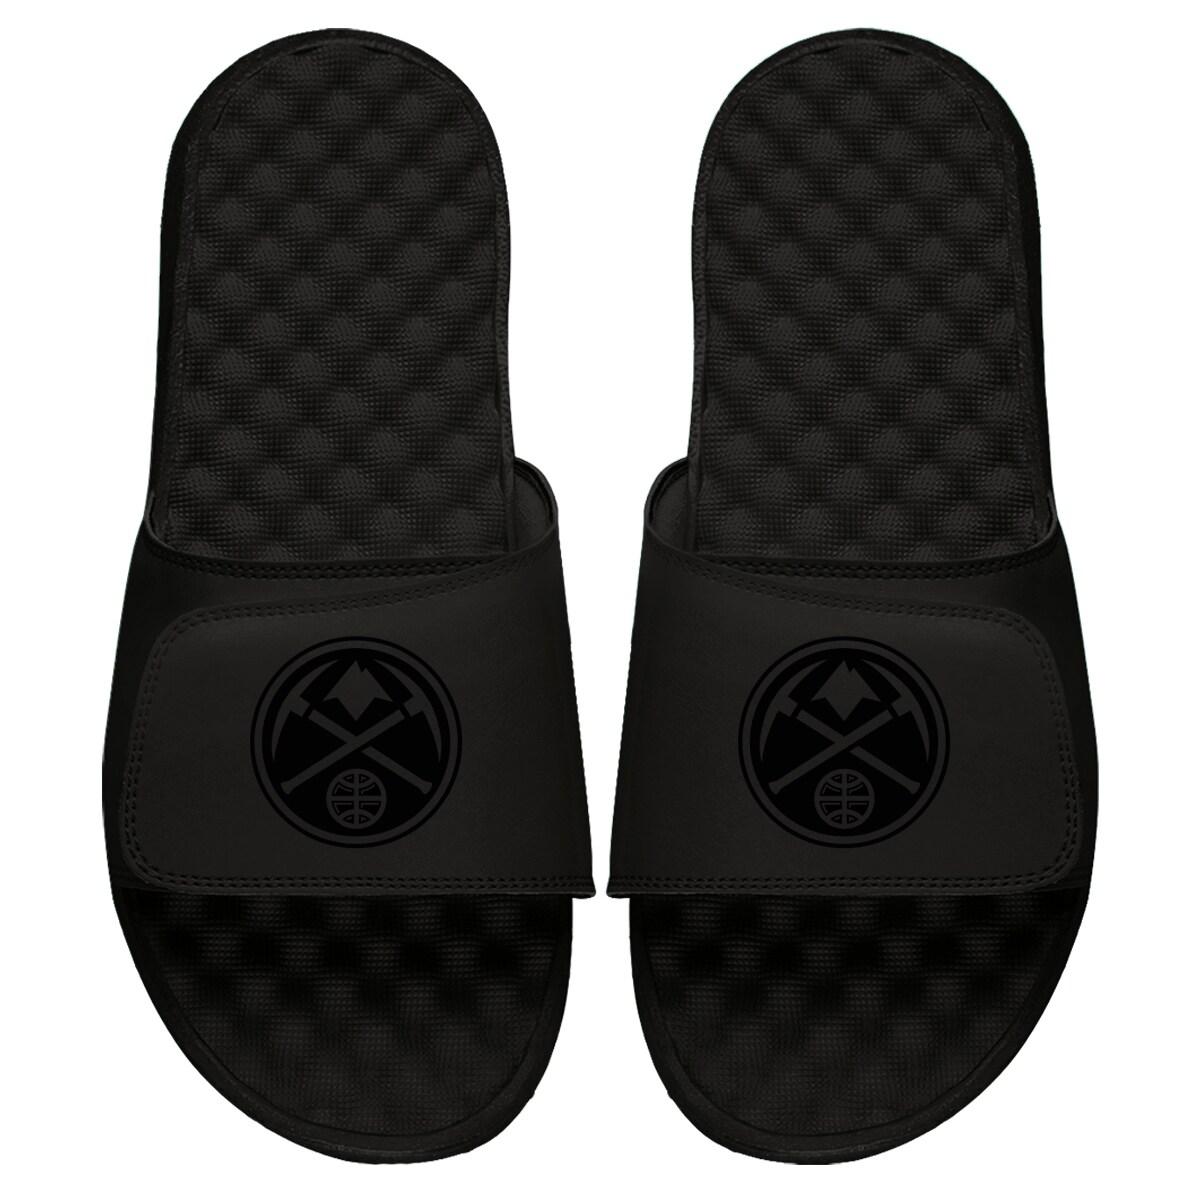 Denver Nuggets ISlide Tonal Slide Sandals - Black